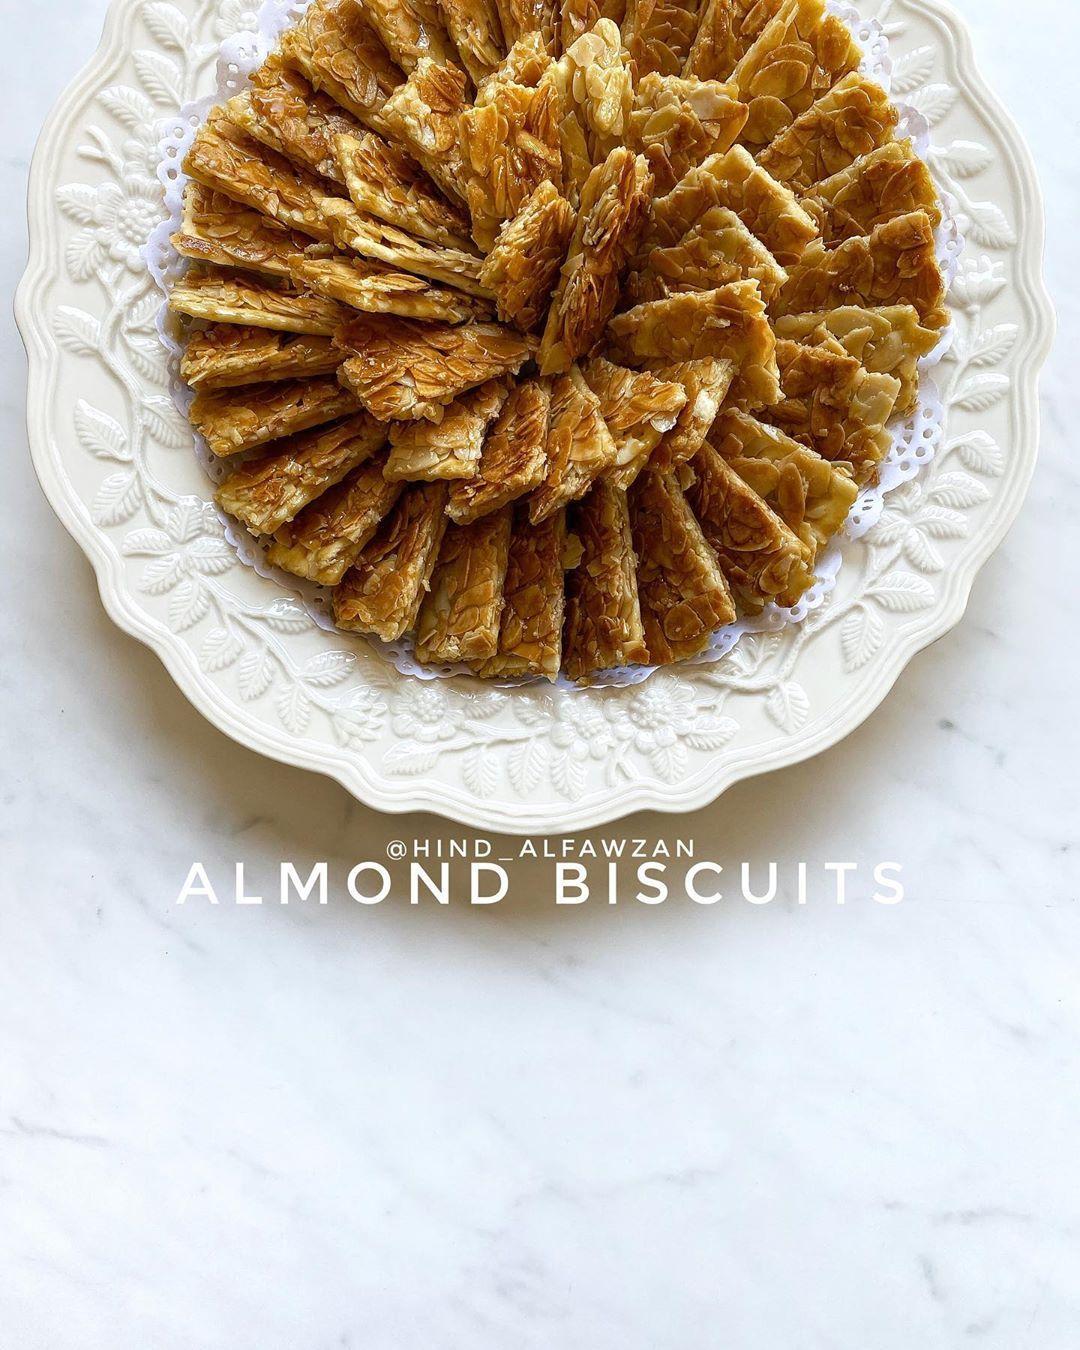 هند الفوزان On Instagram بسكويت اللوز Hind Alfawzan المقادير والطريقة اصبع زبدة ١٠٠ غرام نصف كاس سكر استخدمت الابيض مع ال Recipes Food Apple Pie